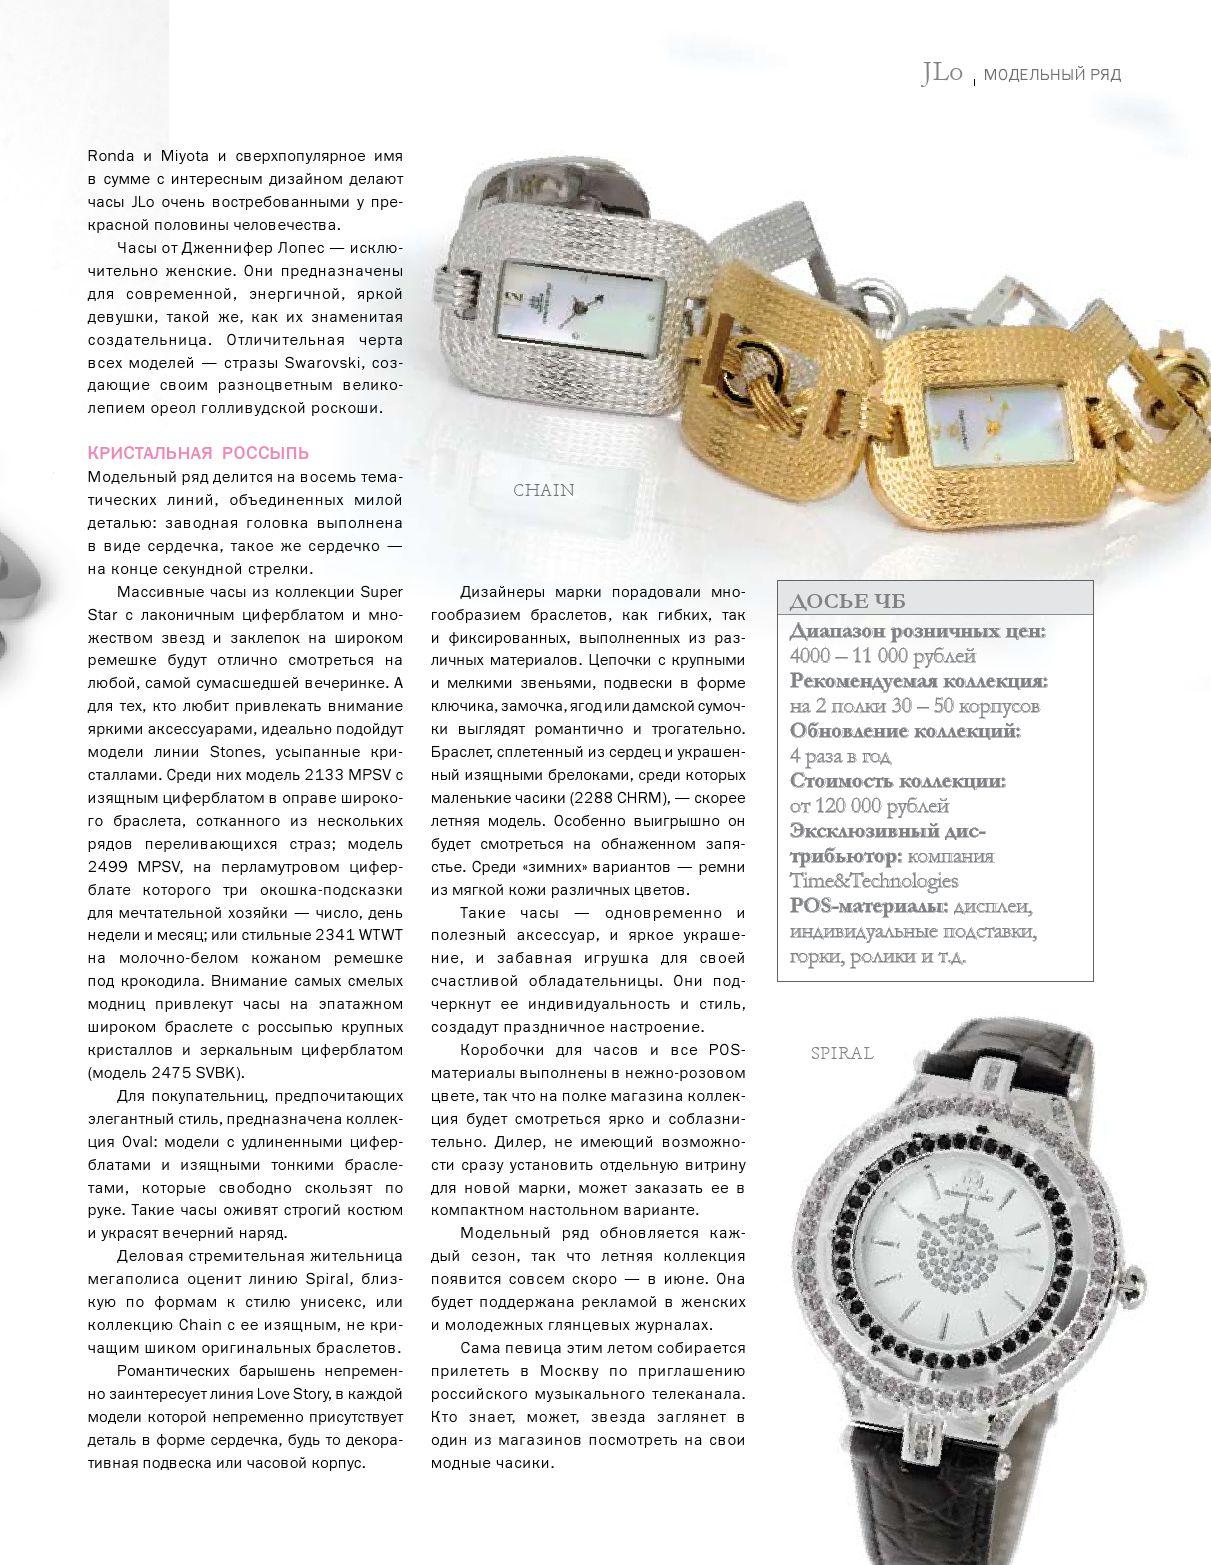 Стоимость девушками часам часы продать щвецарские